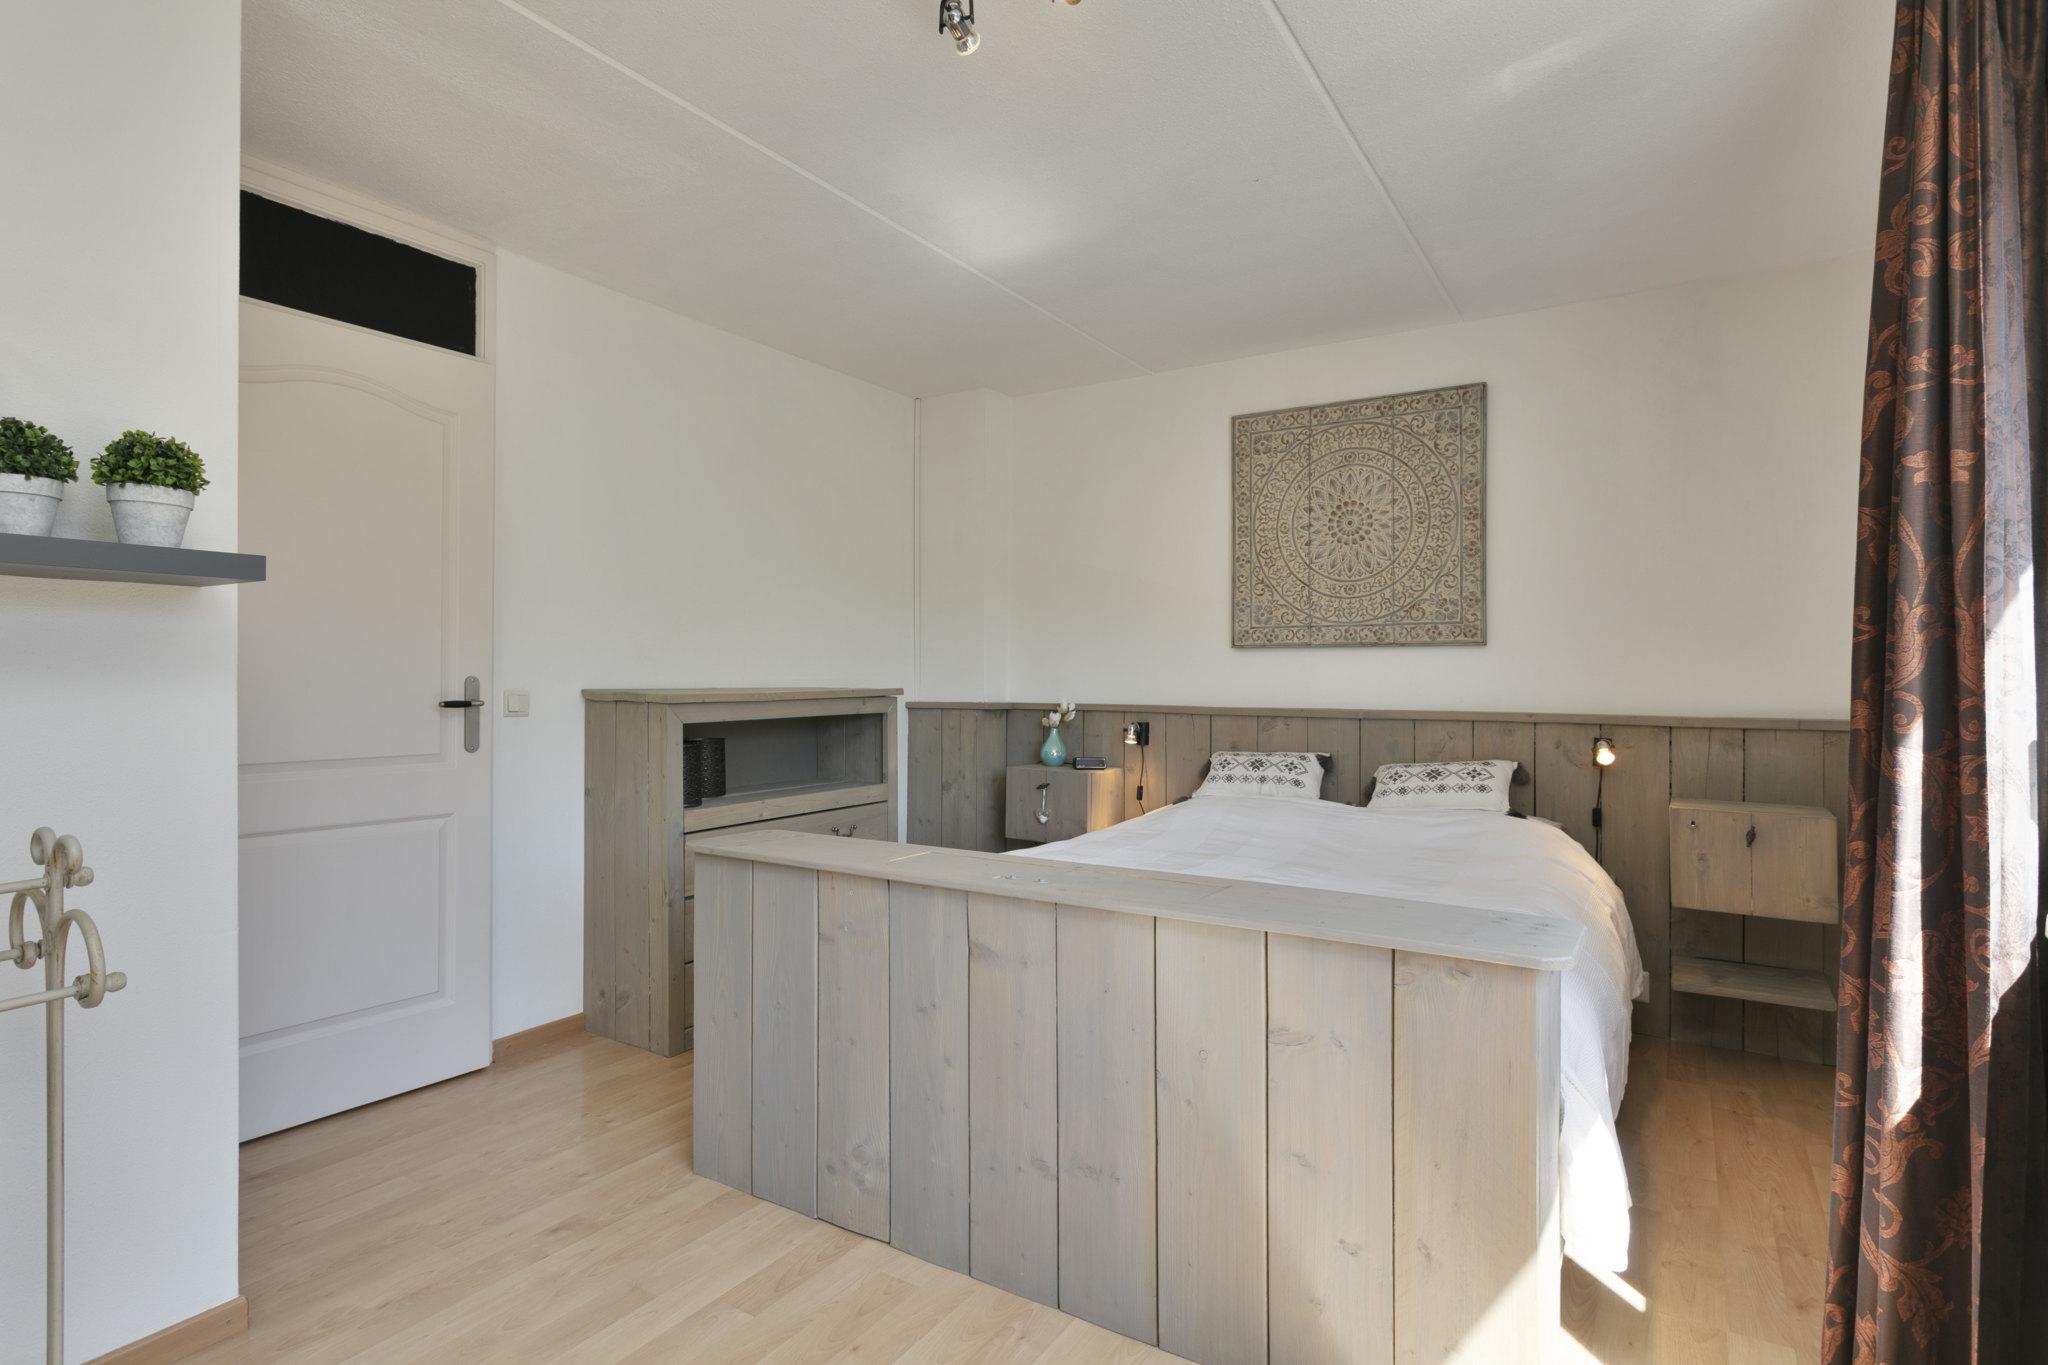 Slaapkamer -- tussenwoning met berging in Made -- 4 slaapkamers